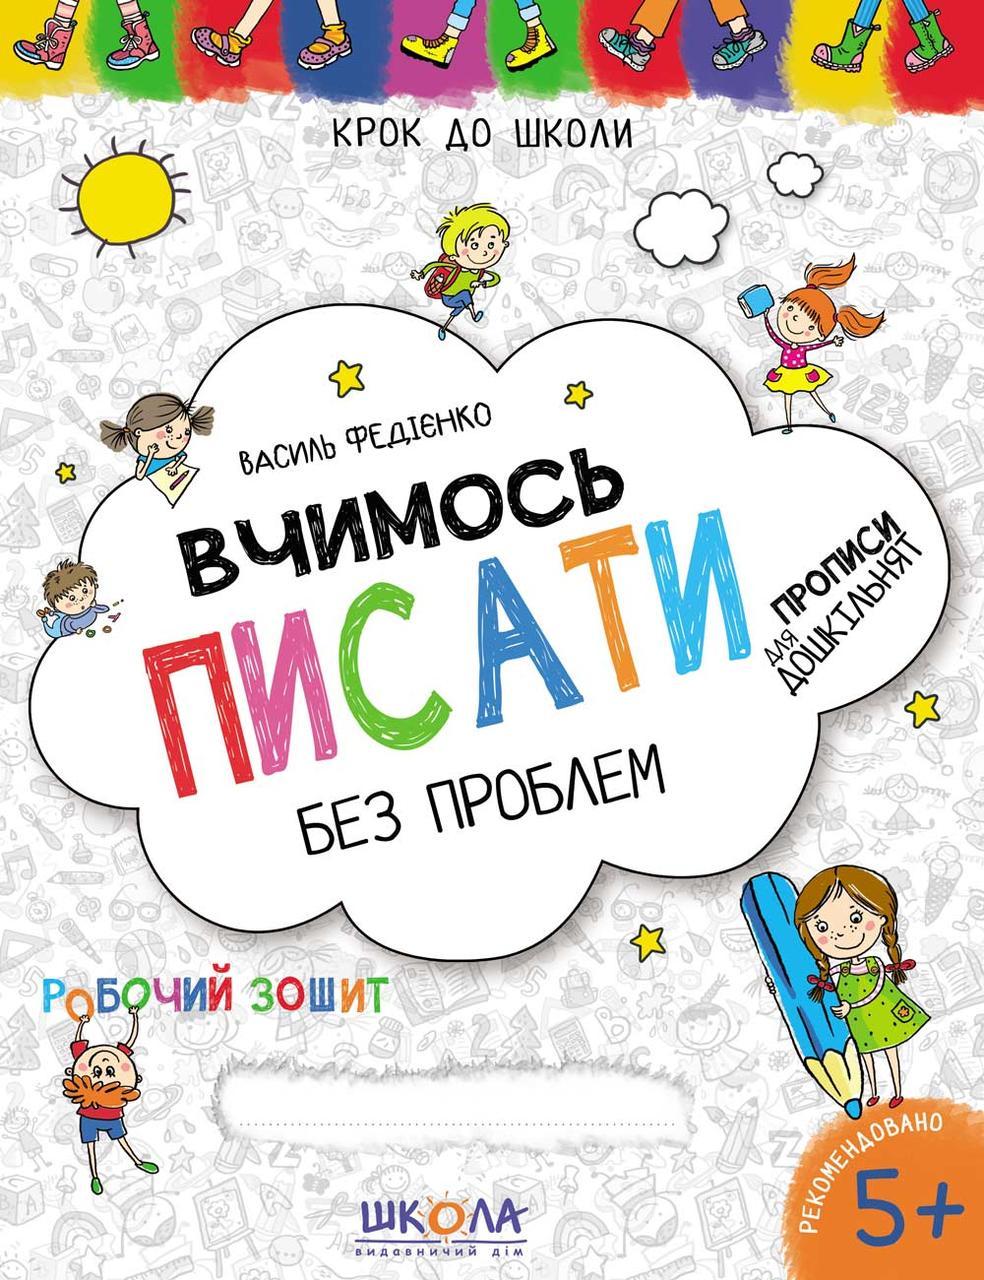 Вчимось писати. Синя графічна сітка. Василь Федієнко